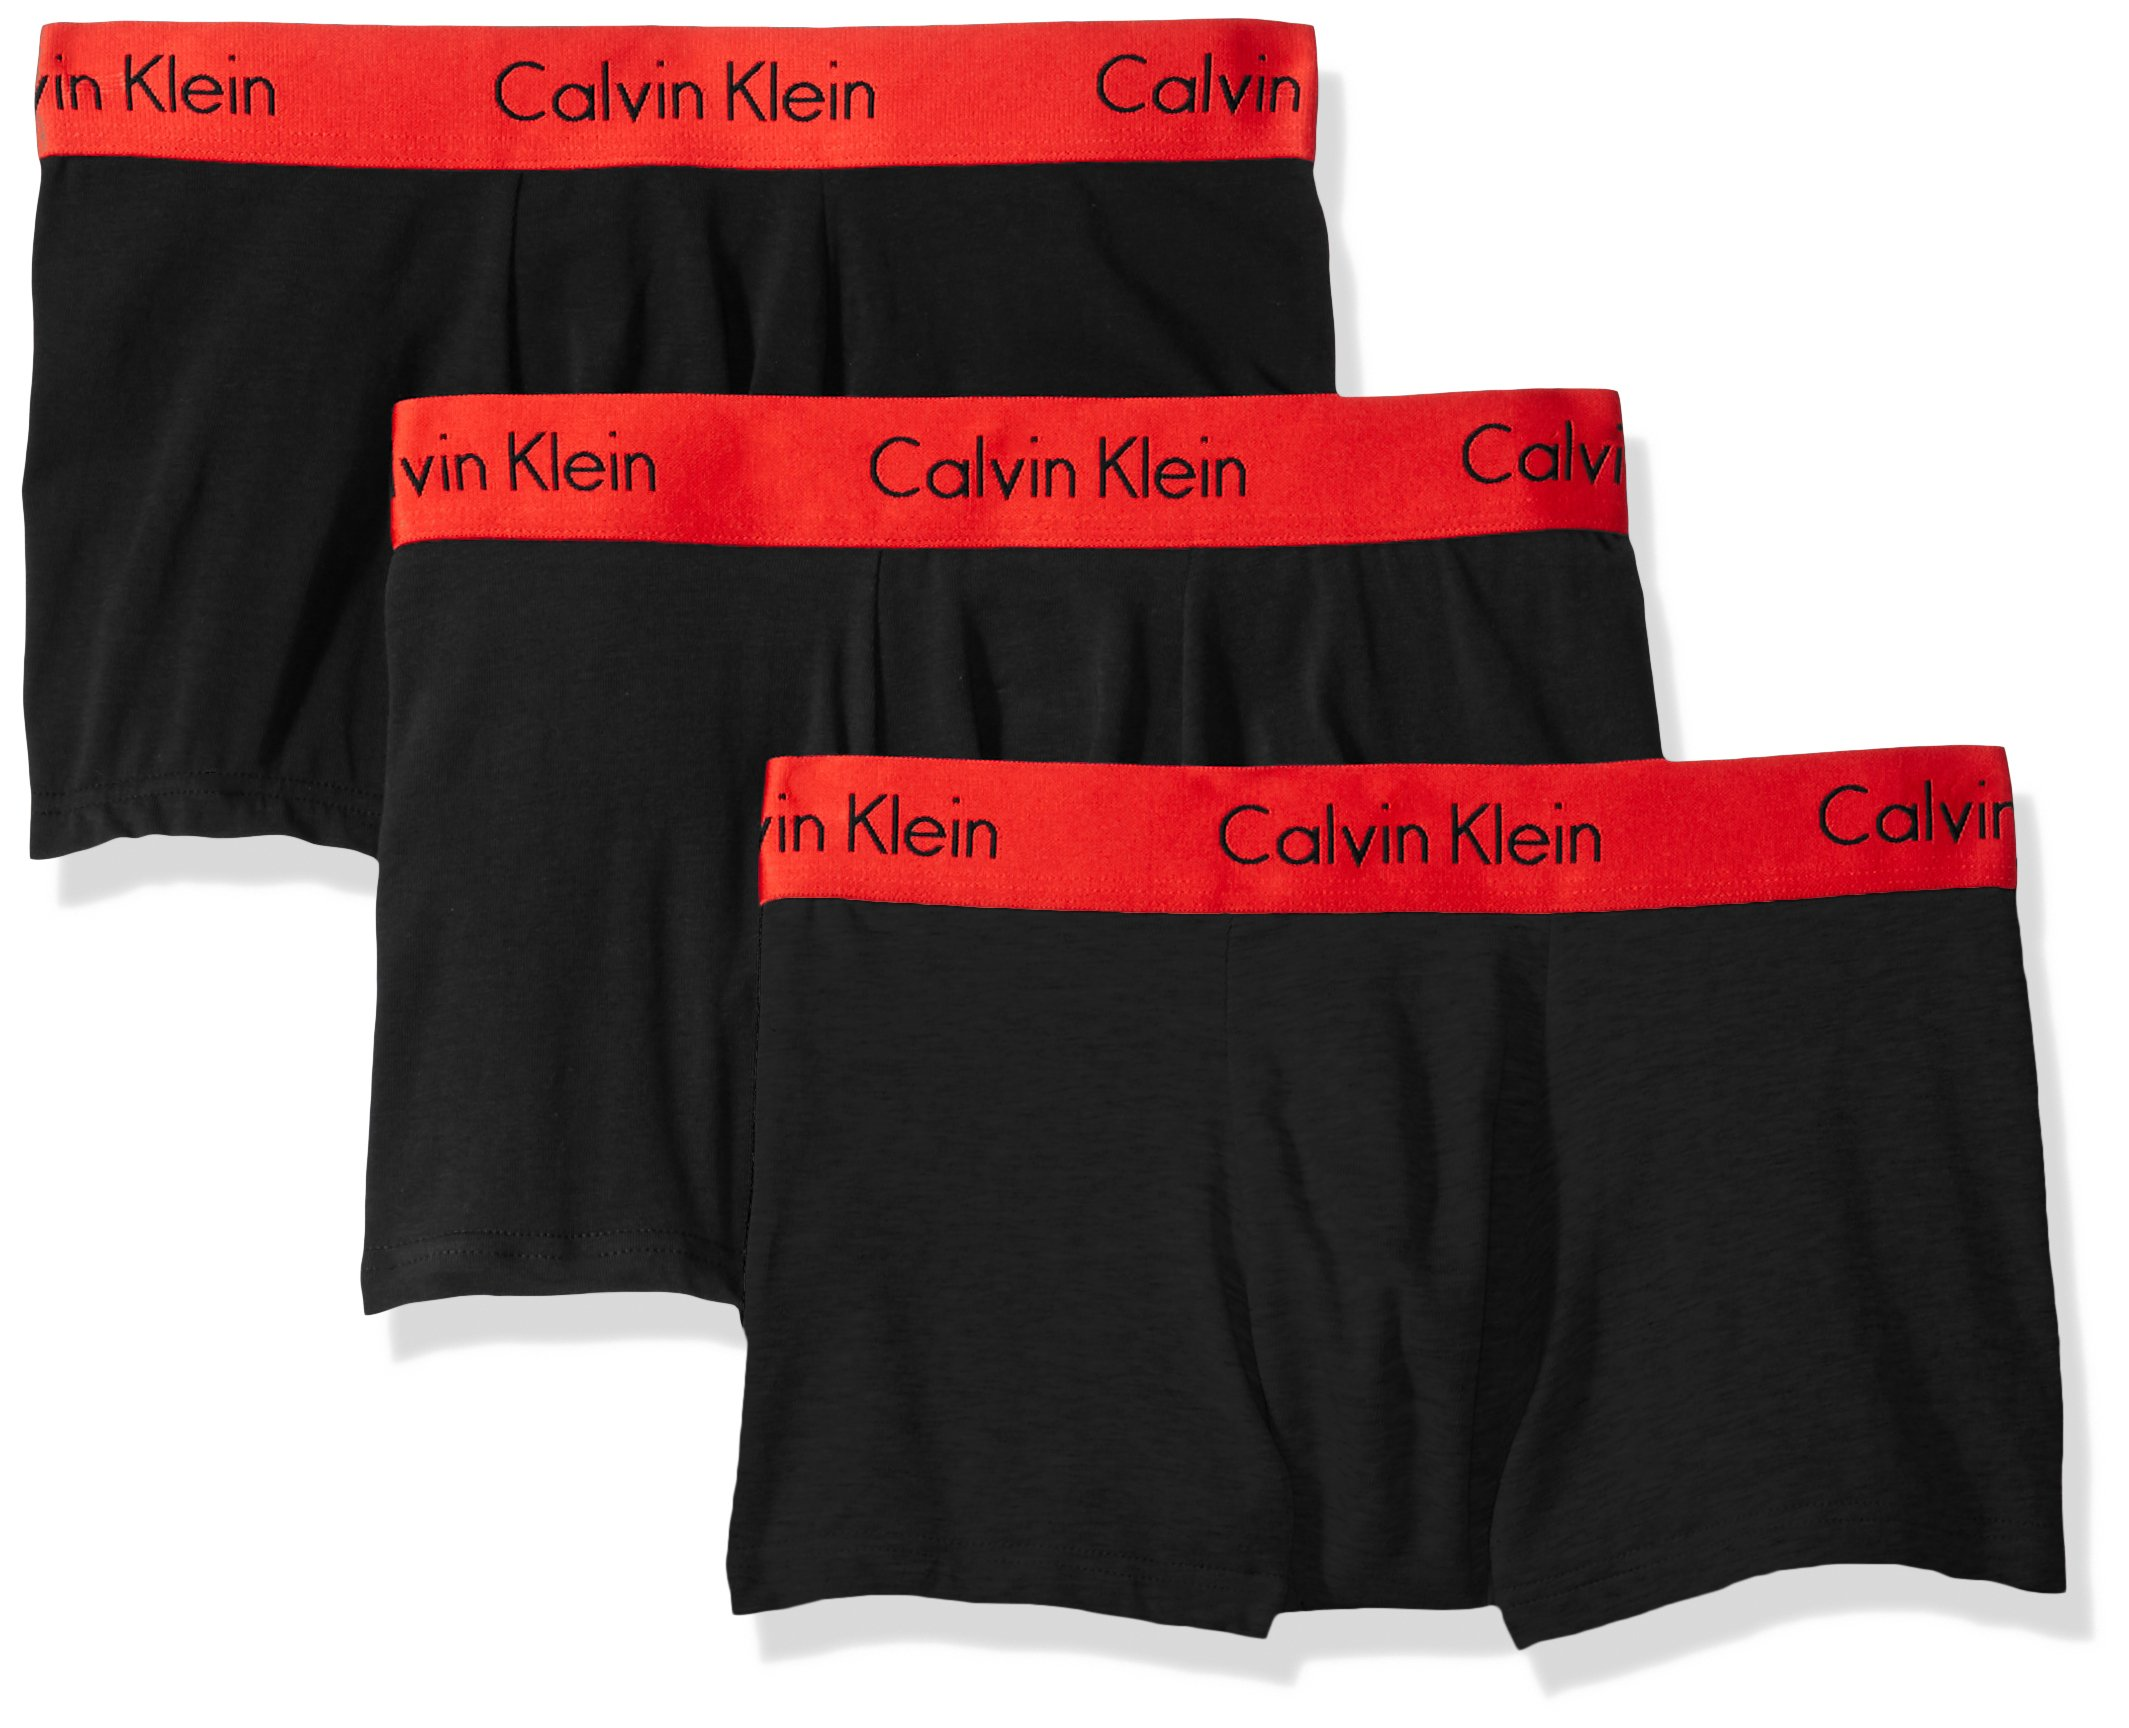 Calvin Klein Men's Underwear Pro Stretch Trunks, Black, Large